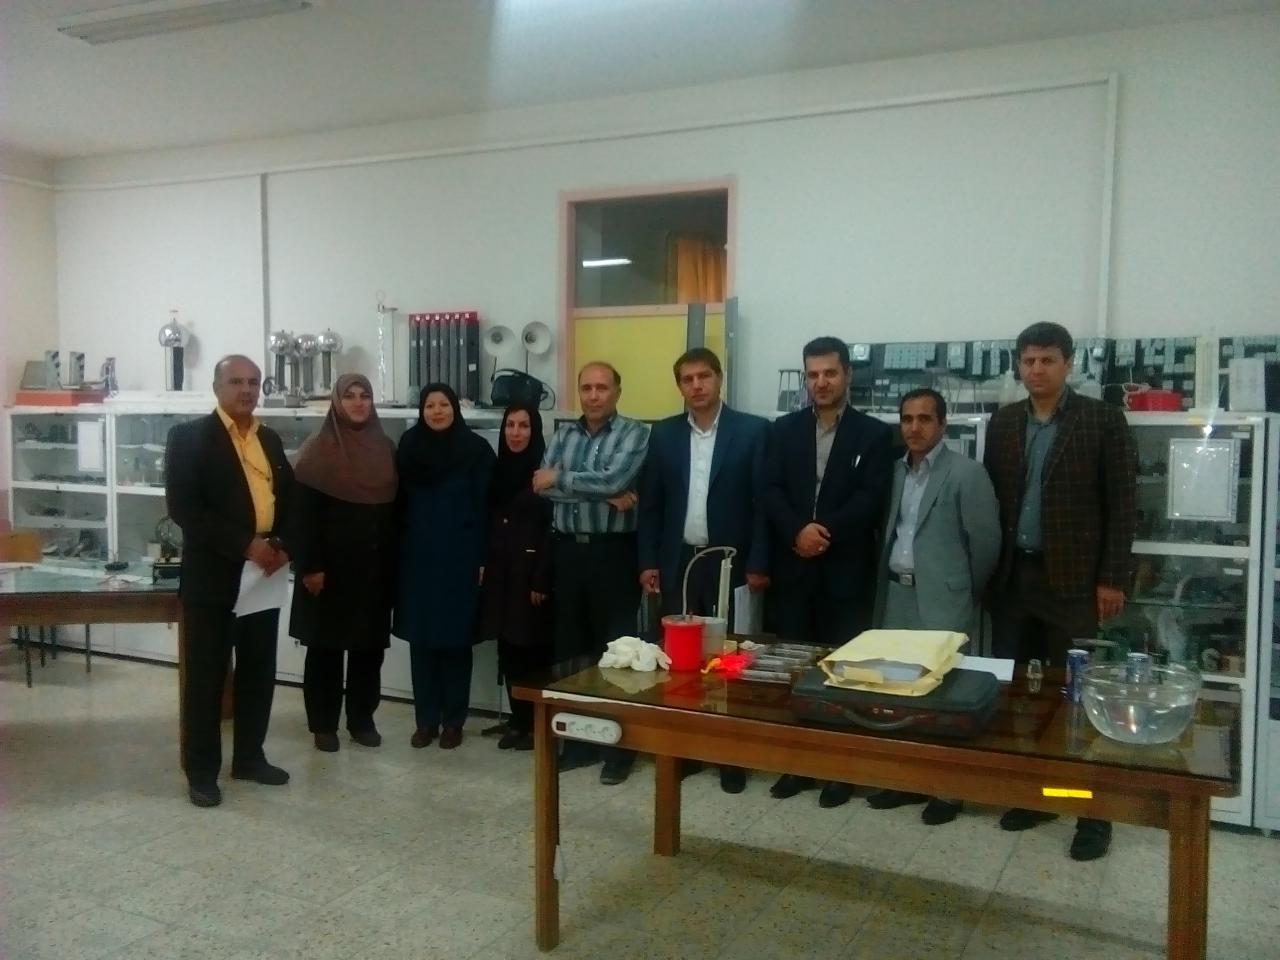 همکاری با گروه فیزیک استان در برگزاری مرحله ی استانی مسابقات آزمایشگاهی فیزیک